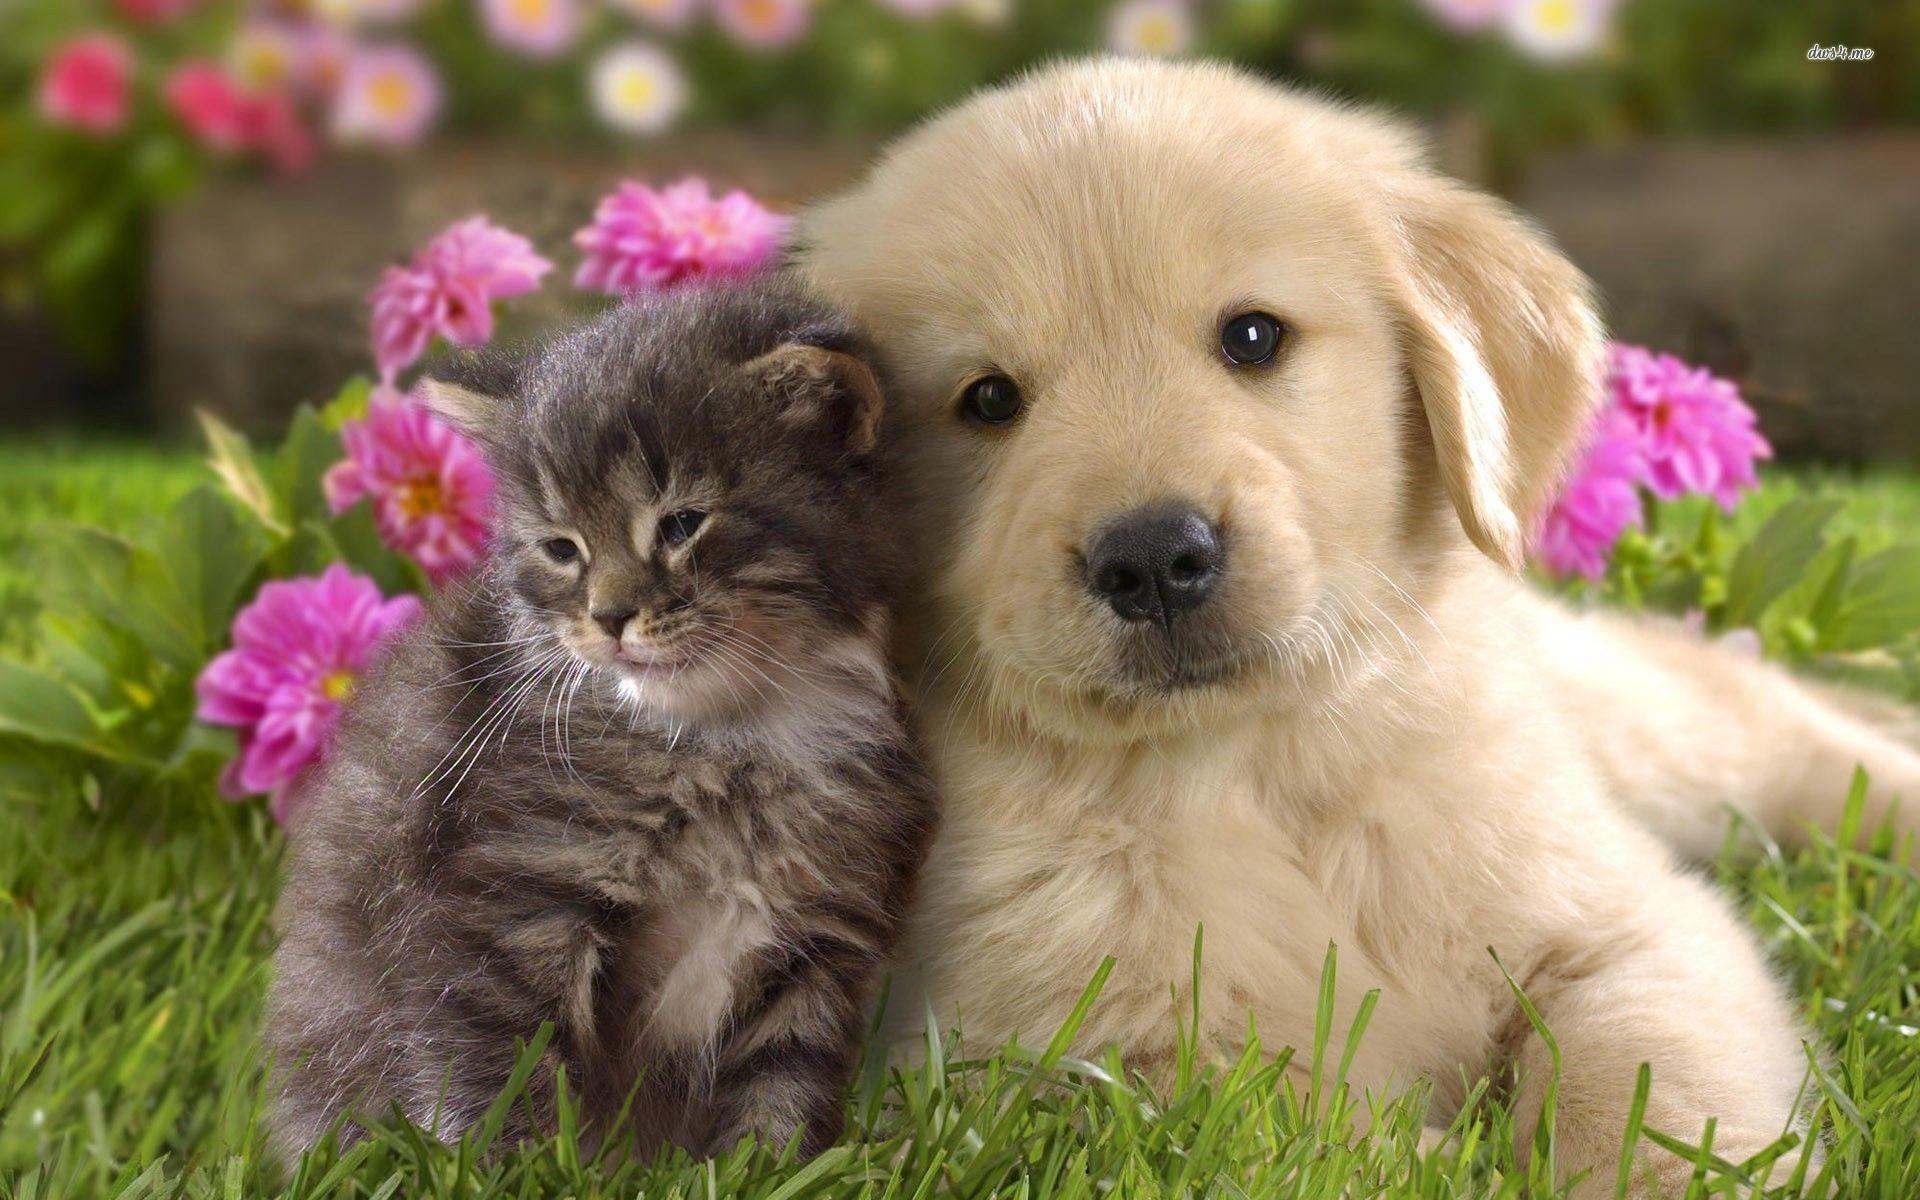 ... Golden retriever puppy and kitten wallpaper 1920x1200 ...